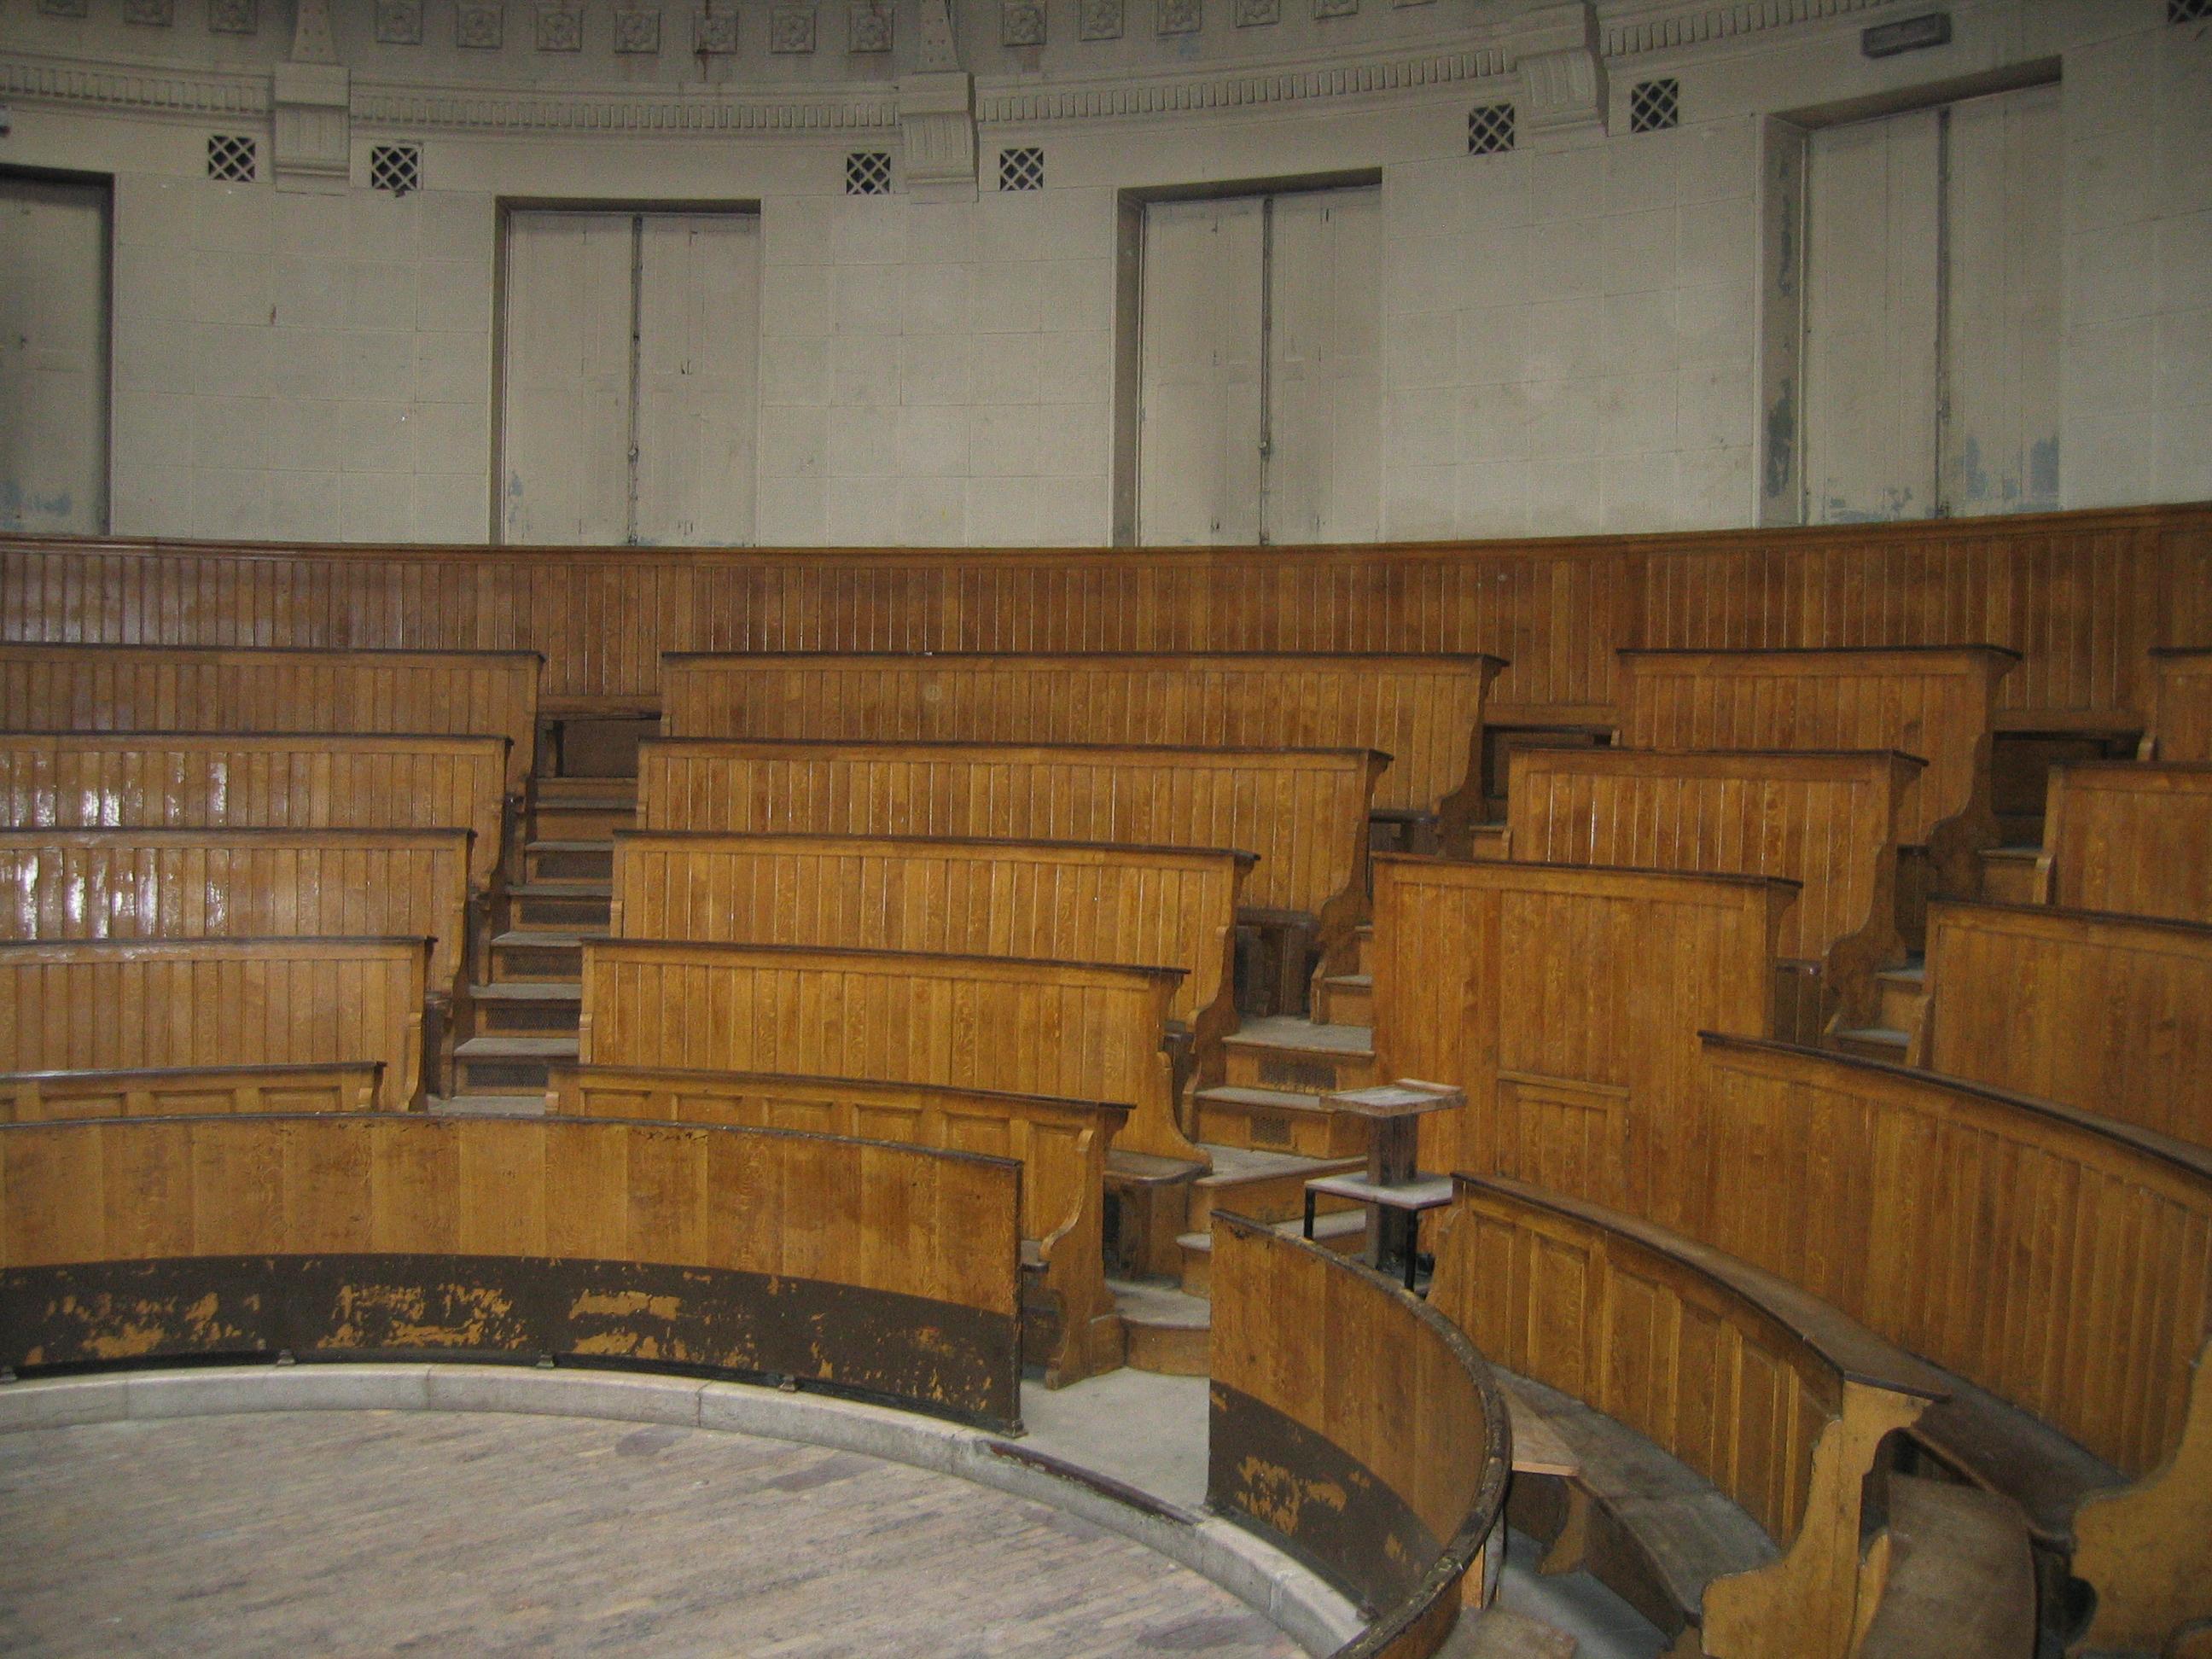 Ecole nationale v t rinaire d 39 alfort for Auto ecole maison alfort